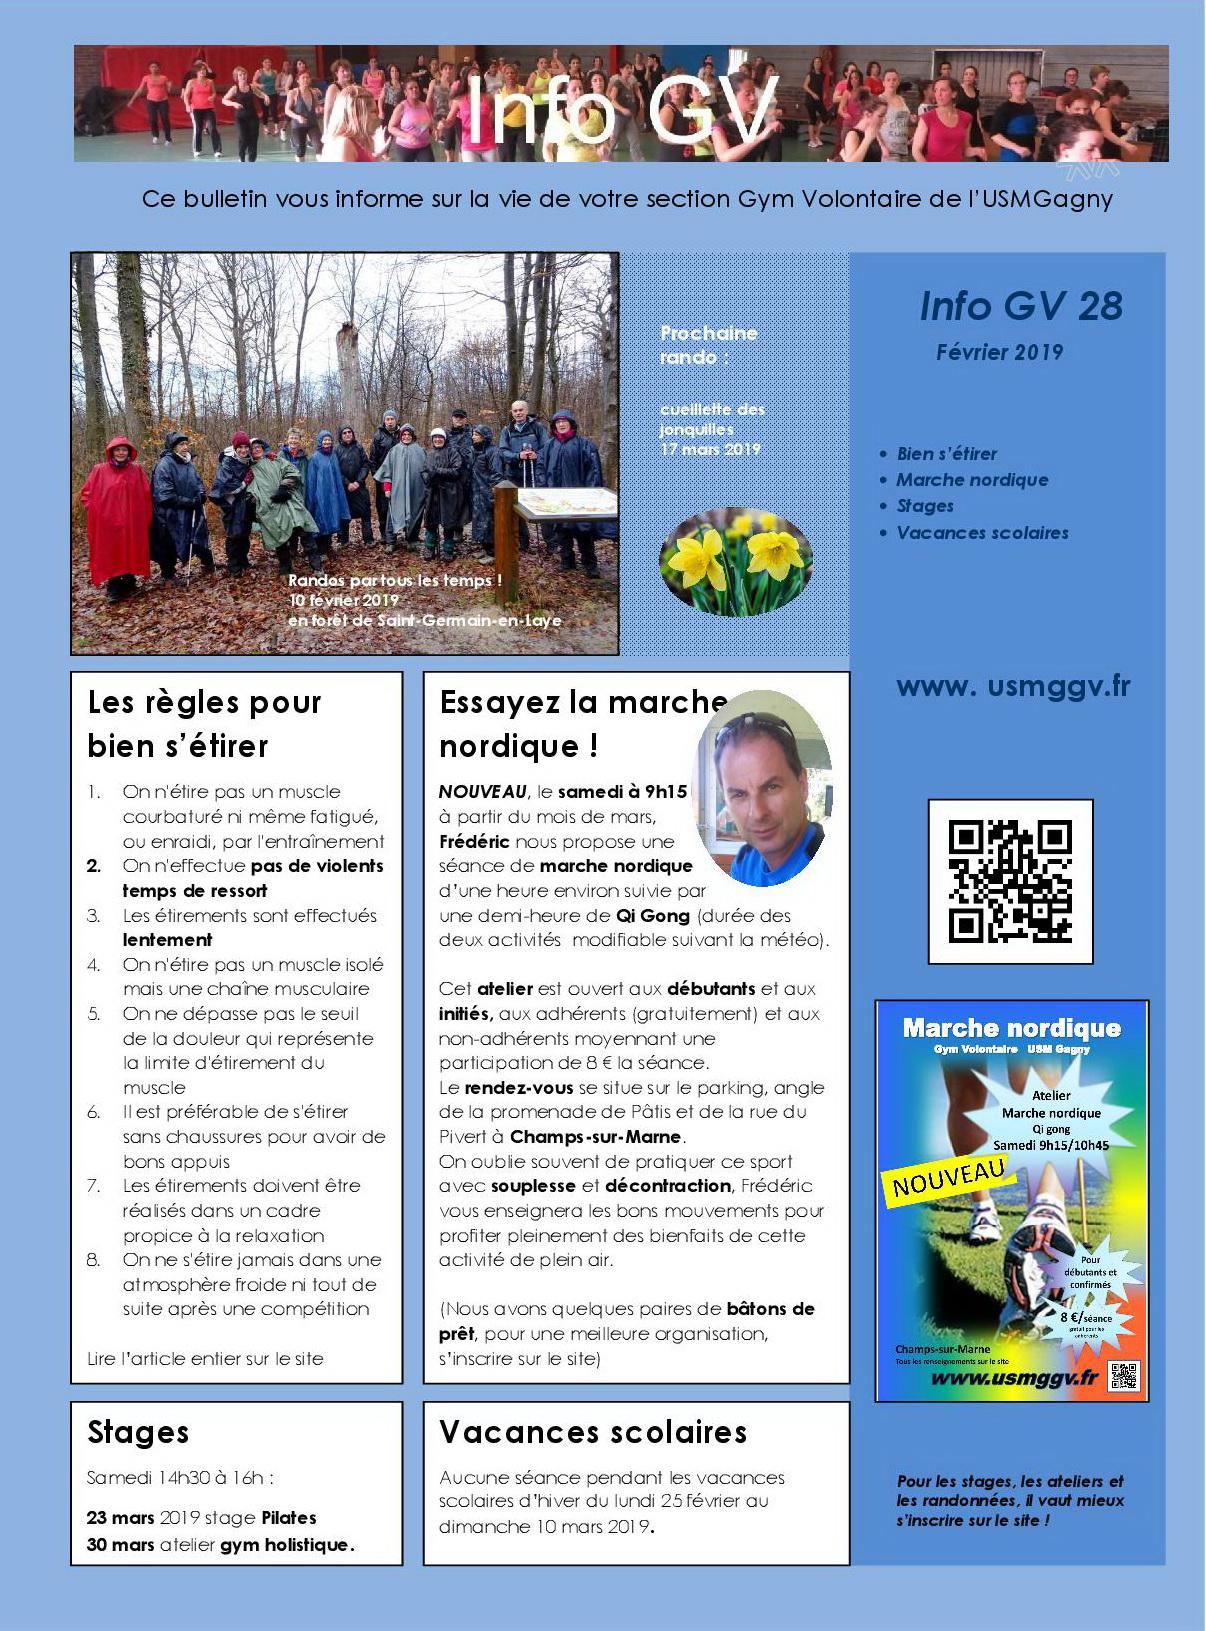 Info gv 28